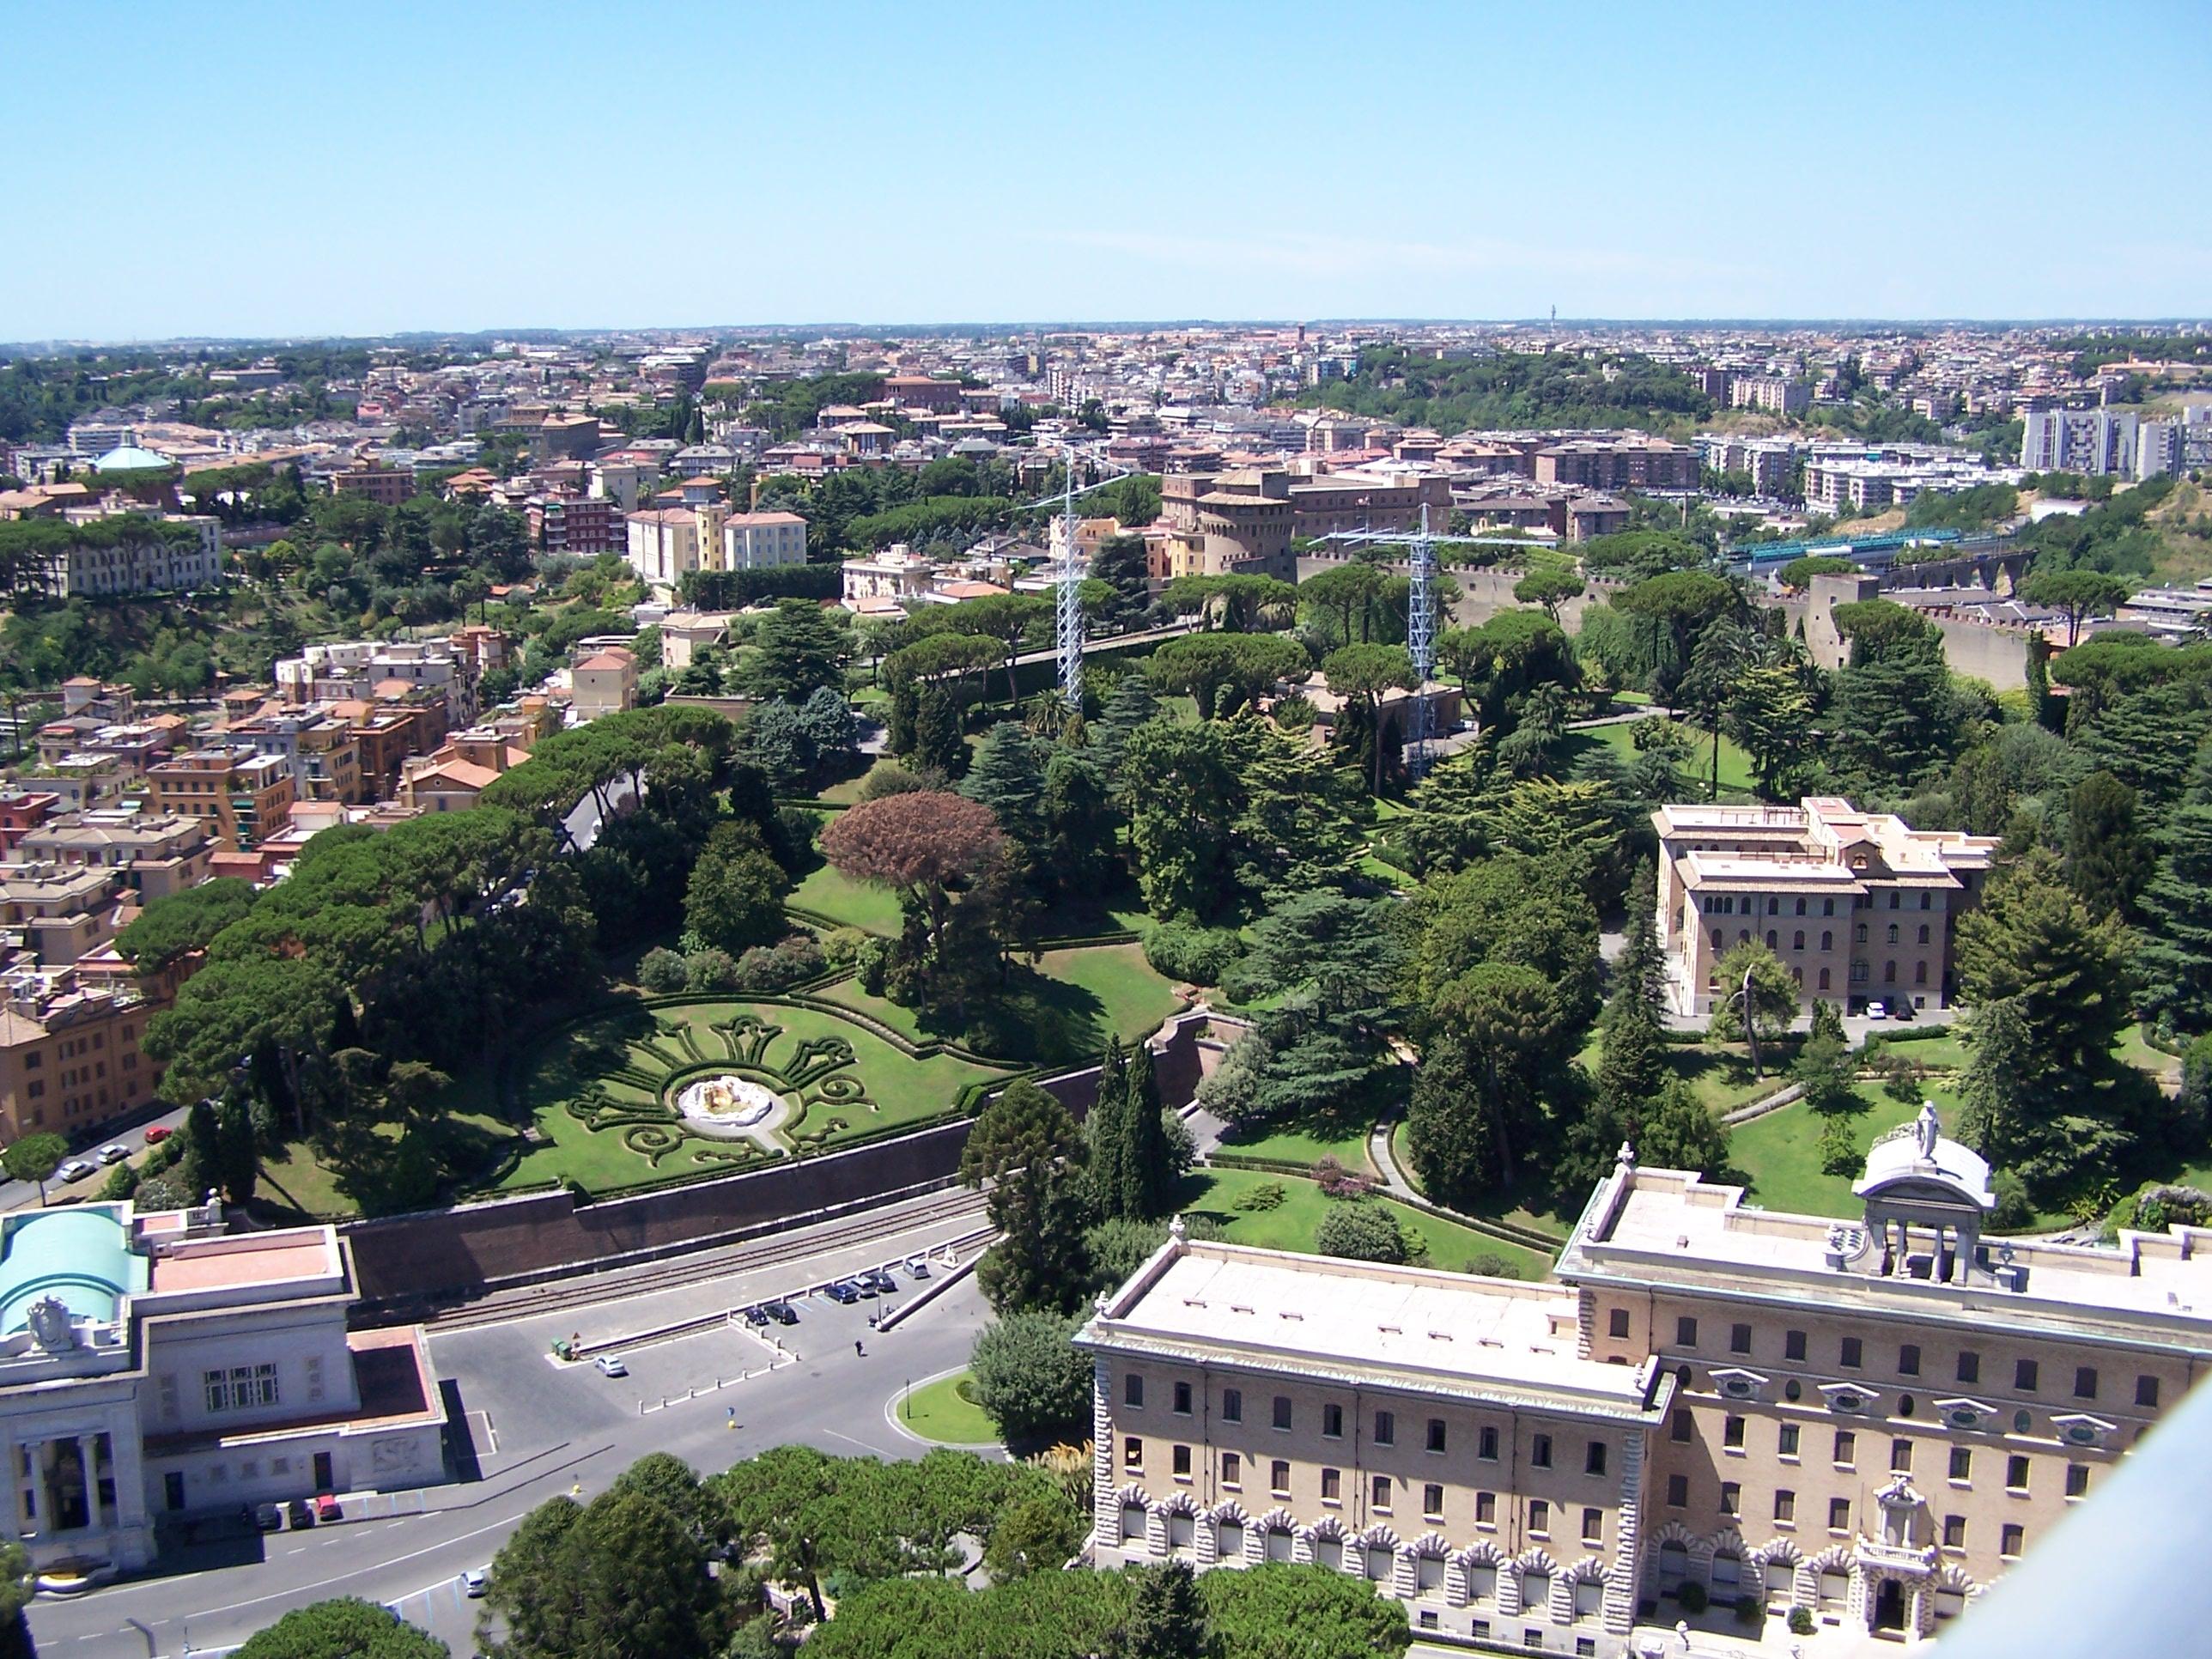 Ein Teil der Vatikanischen Gärten mit dem Bahnhof (linker Vordergrund) und dem Regierungspalast (rechter Vordergrund)